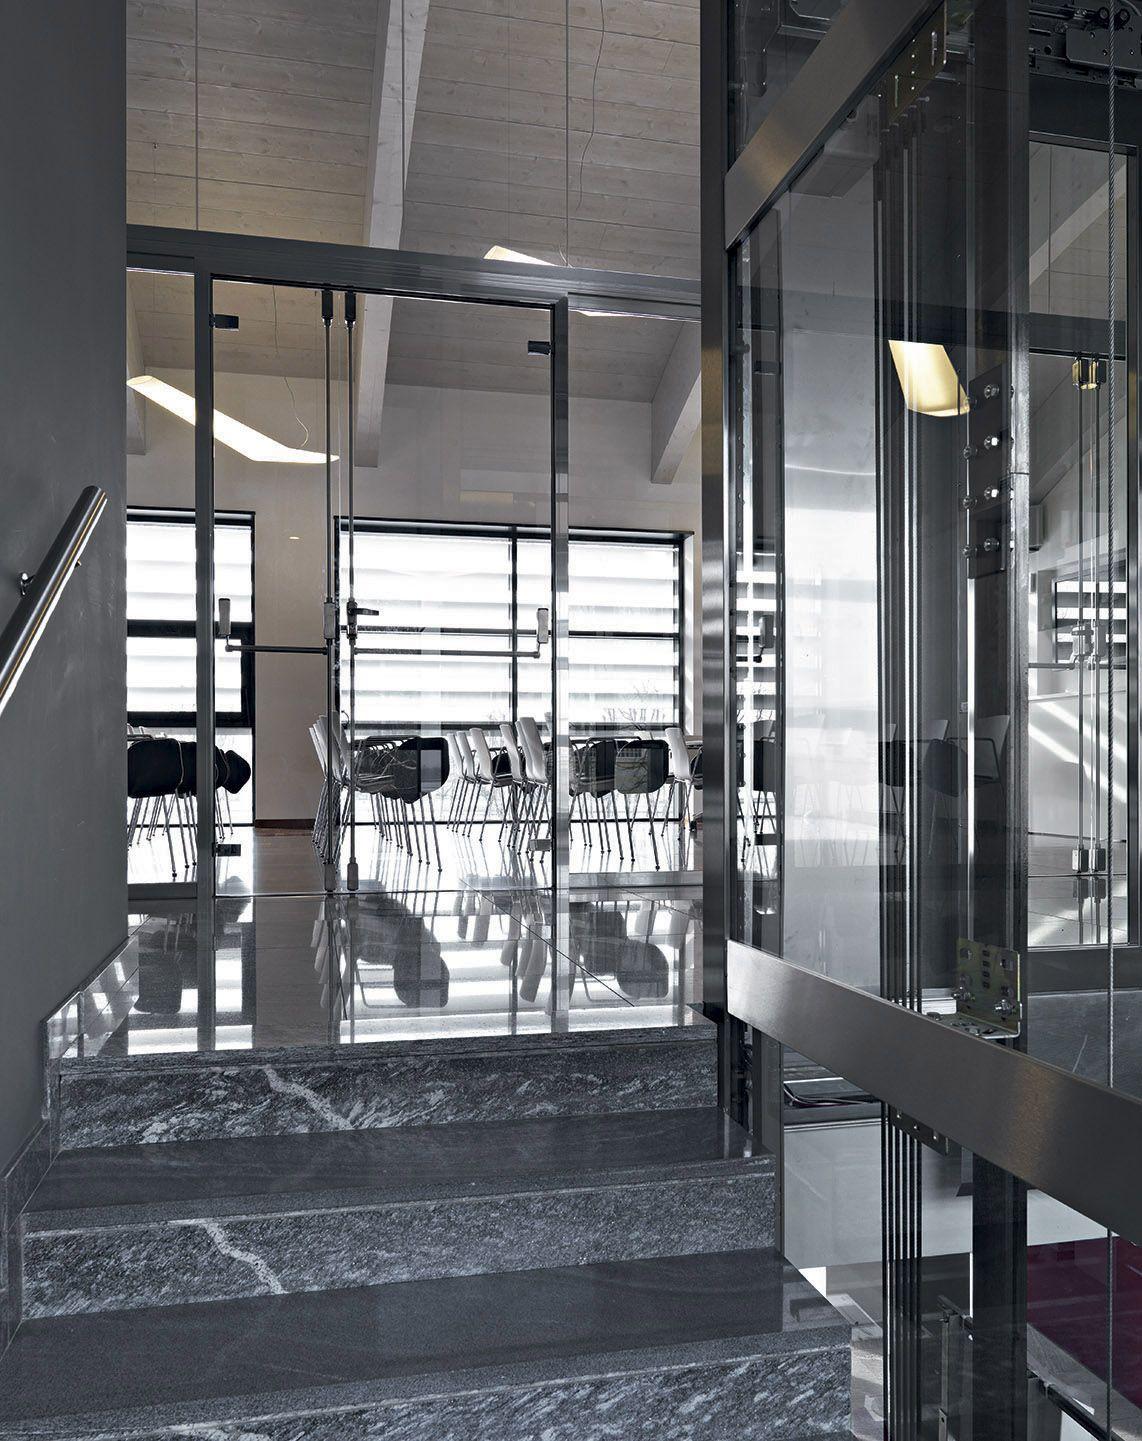 Pareti divisorie in vetro uffici UBI Banca   VetroIn